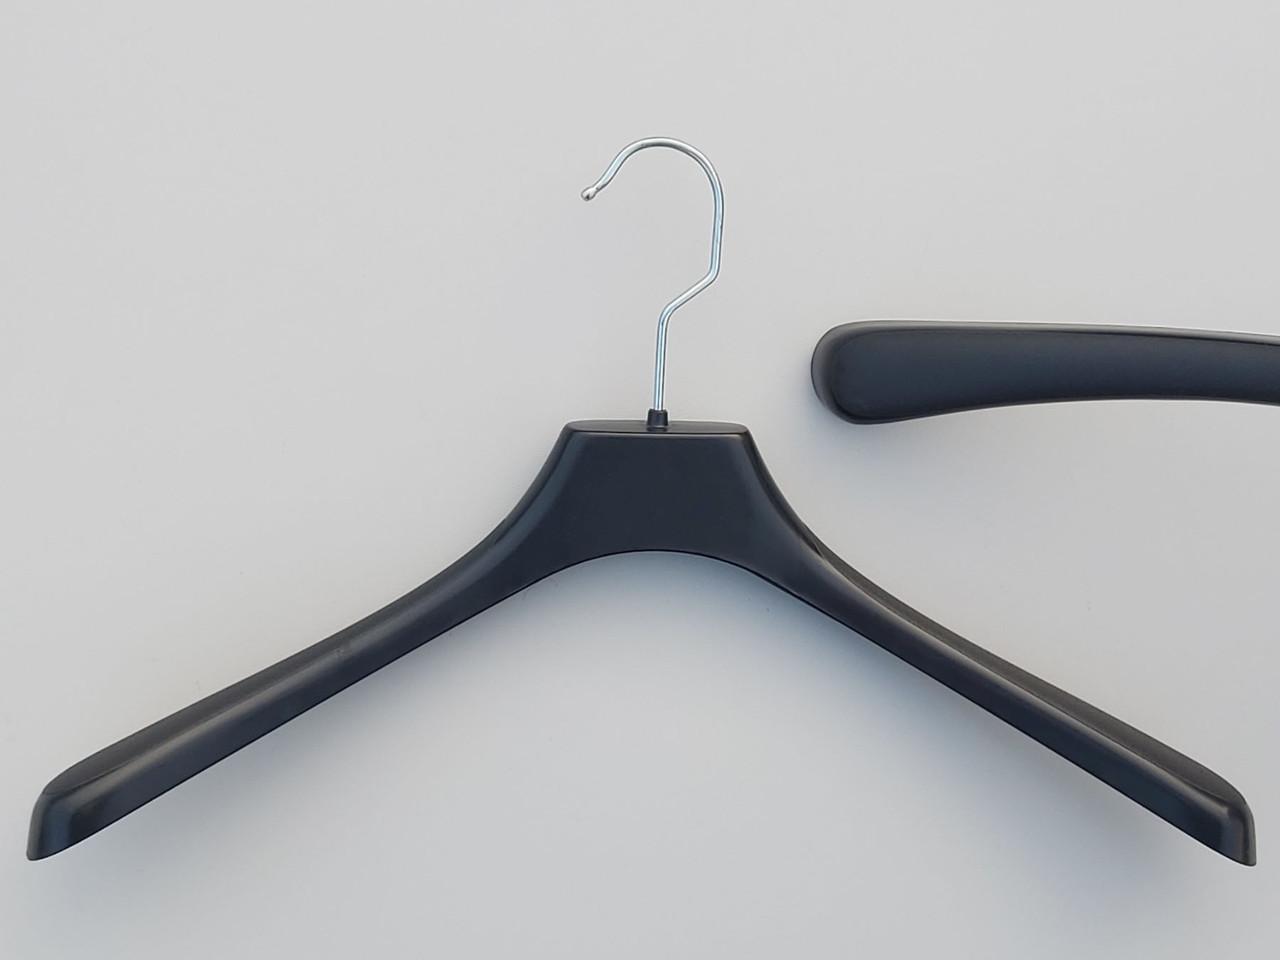 Плечики пластмассовые  №3 черного цвета, длина 41 см